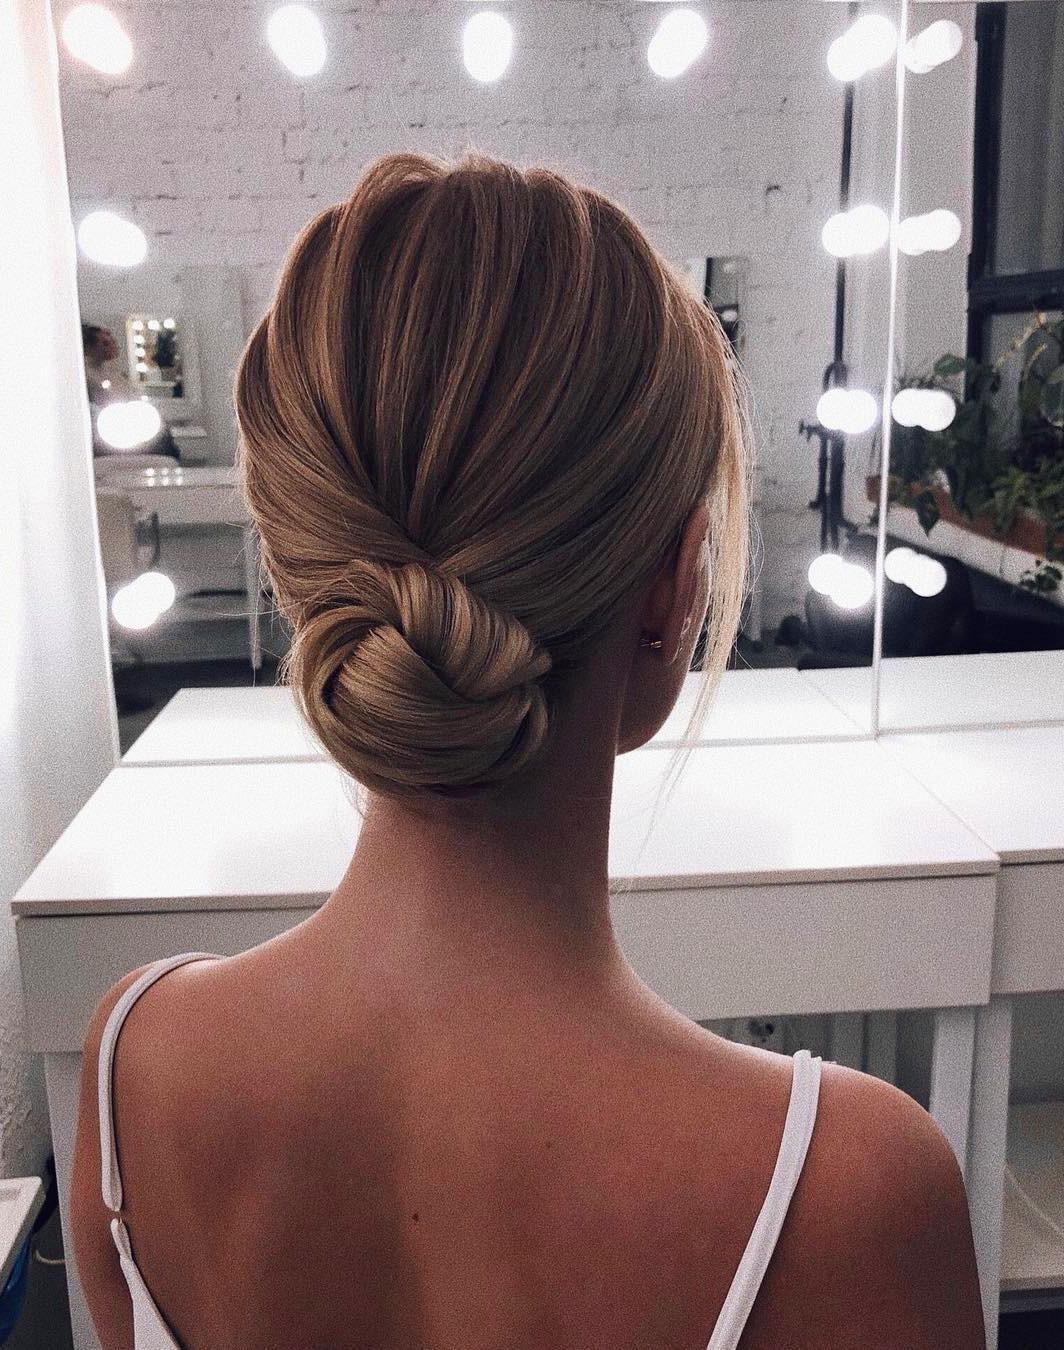 55 Hermosos Peinados De Novia Para Cabello Medio Largo Cabello Hermosos Largo Medio In 2020 Hair Styles Medium Length Hair Styles Medium Hair Styles